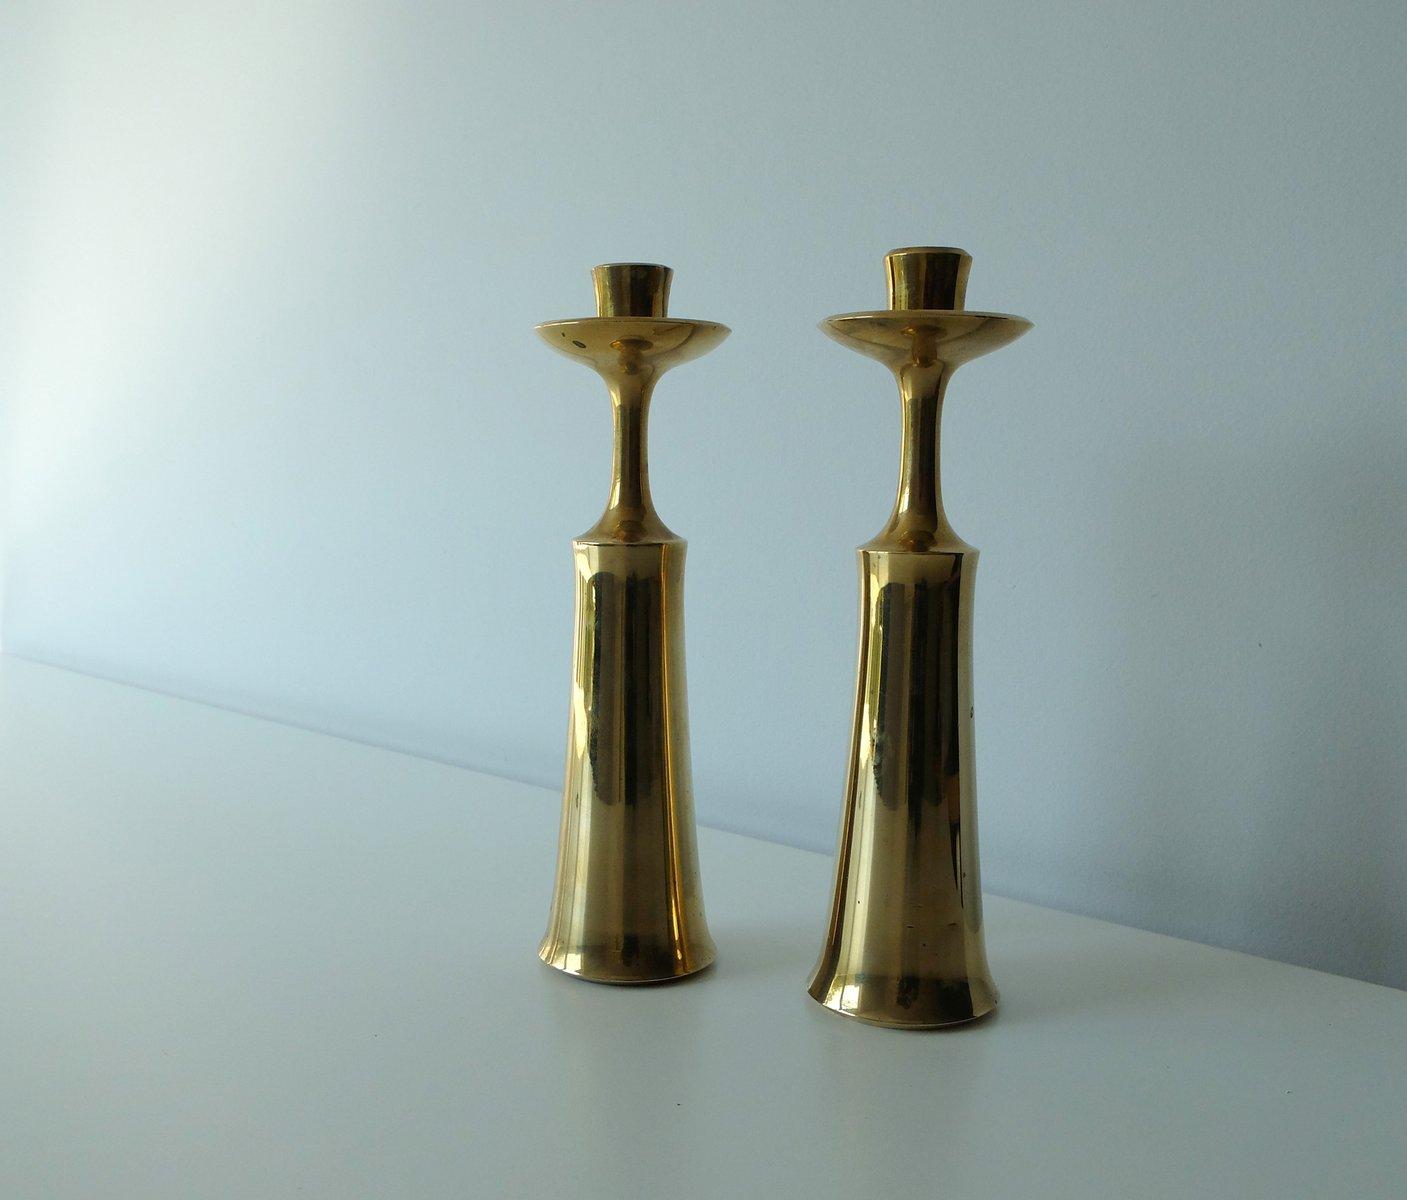 Brass Candlesticks vintage scandinavian brass candlesticksjens harald quistgaard